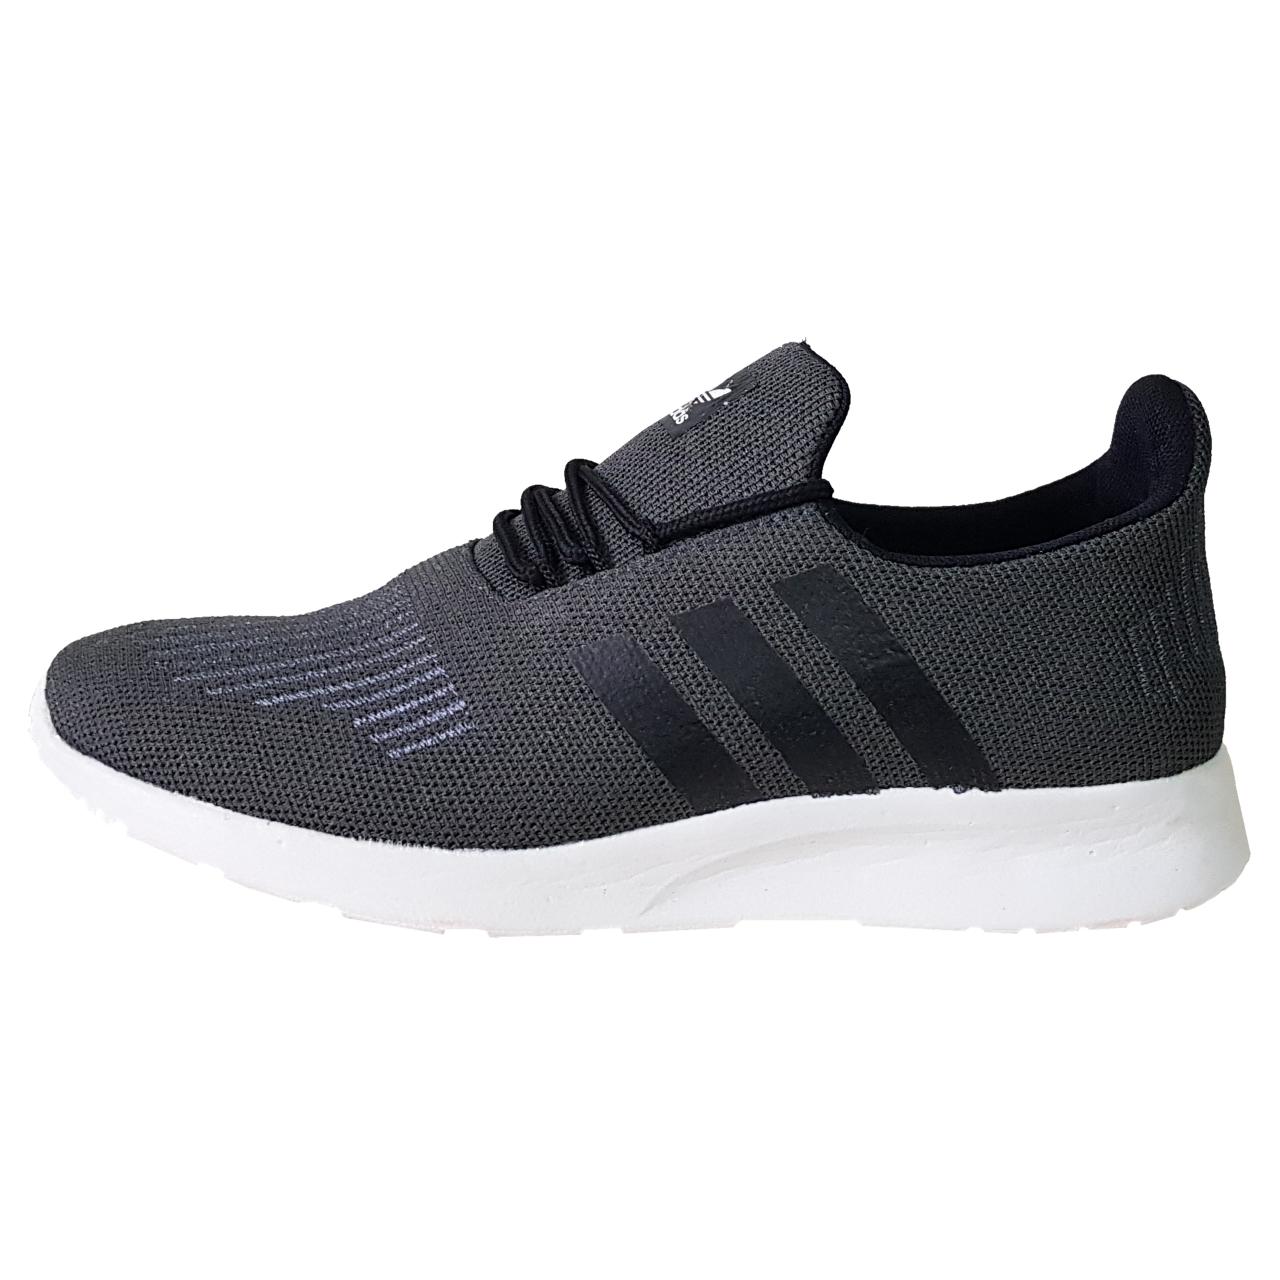 کفش مخصوص پیاده روی مردانه مدل زامورا کد 5014